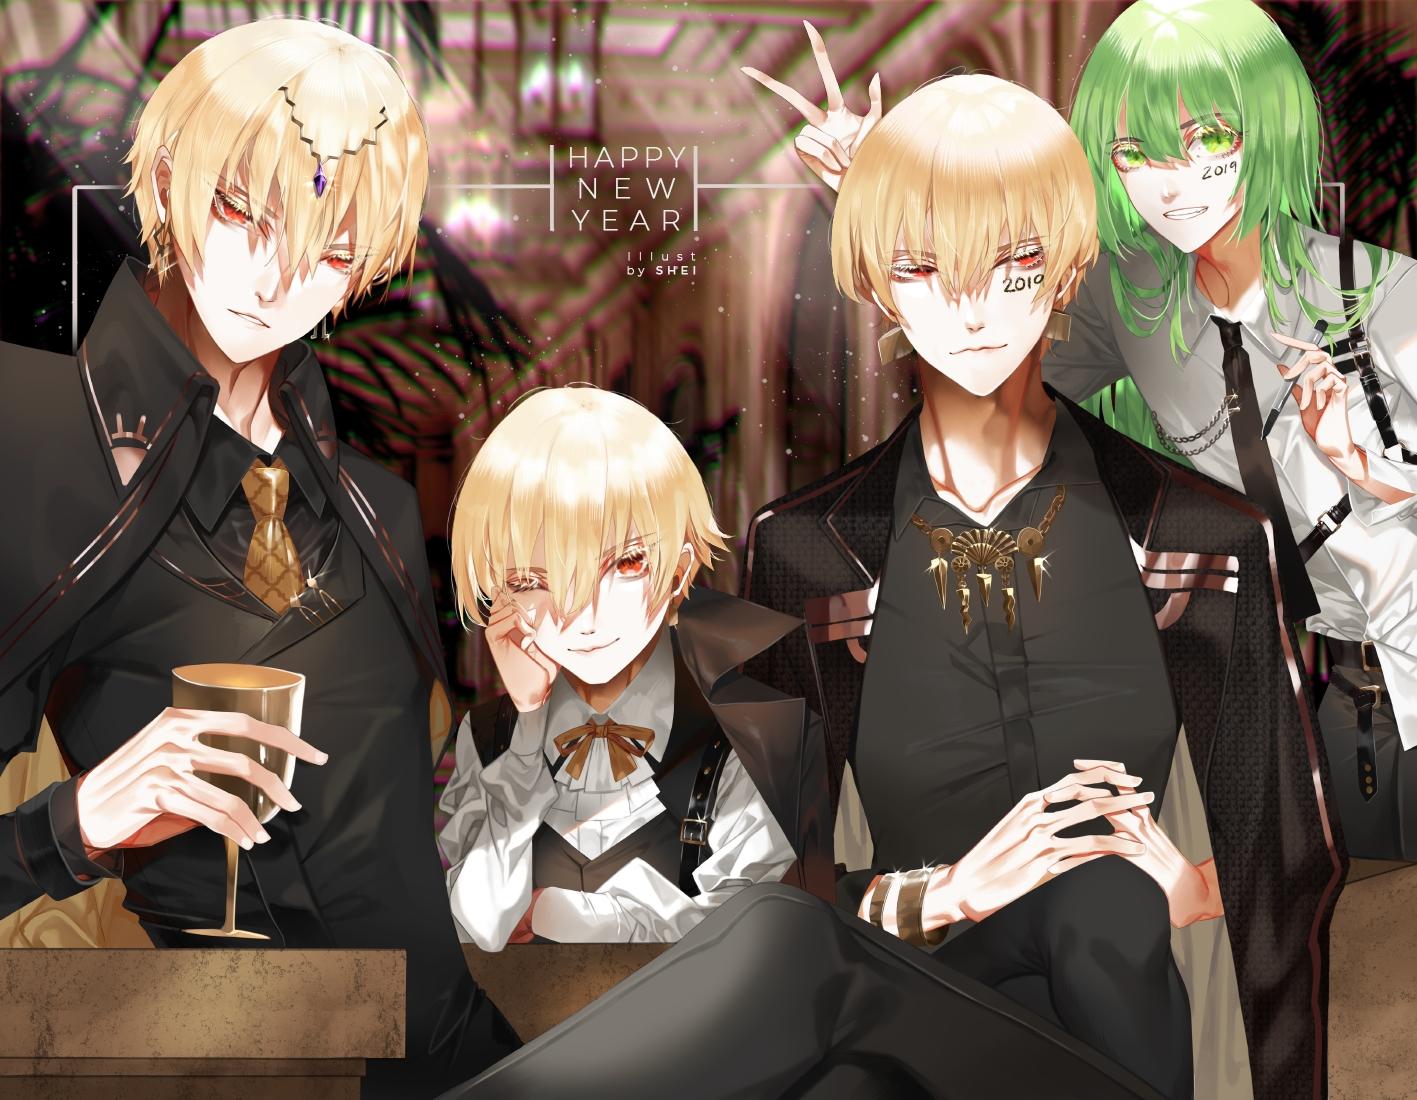 all_male blonde_hair drink enkidu fate/grand_order fate_(series) gilgamesh green_eyes green_hair group long_hair male red_eyes ribbons shei99 short_hair suit tie wink wristwear